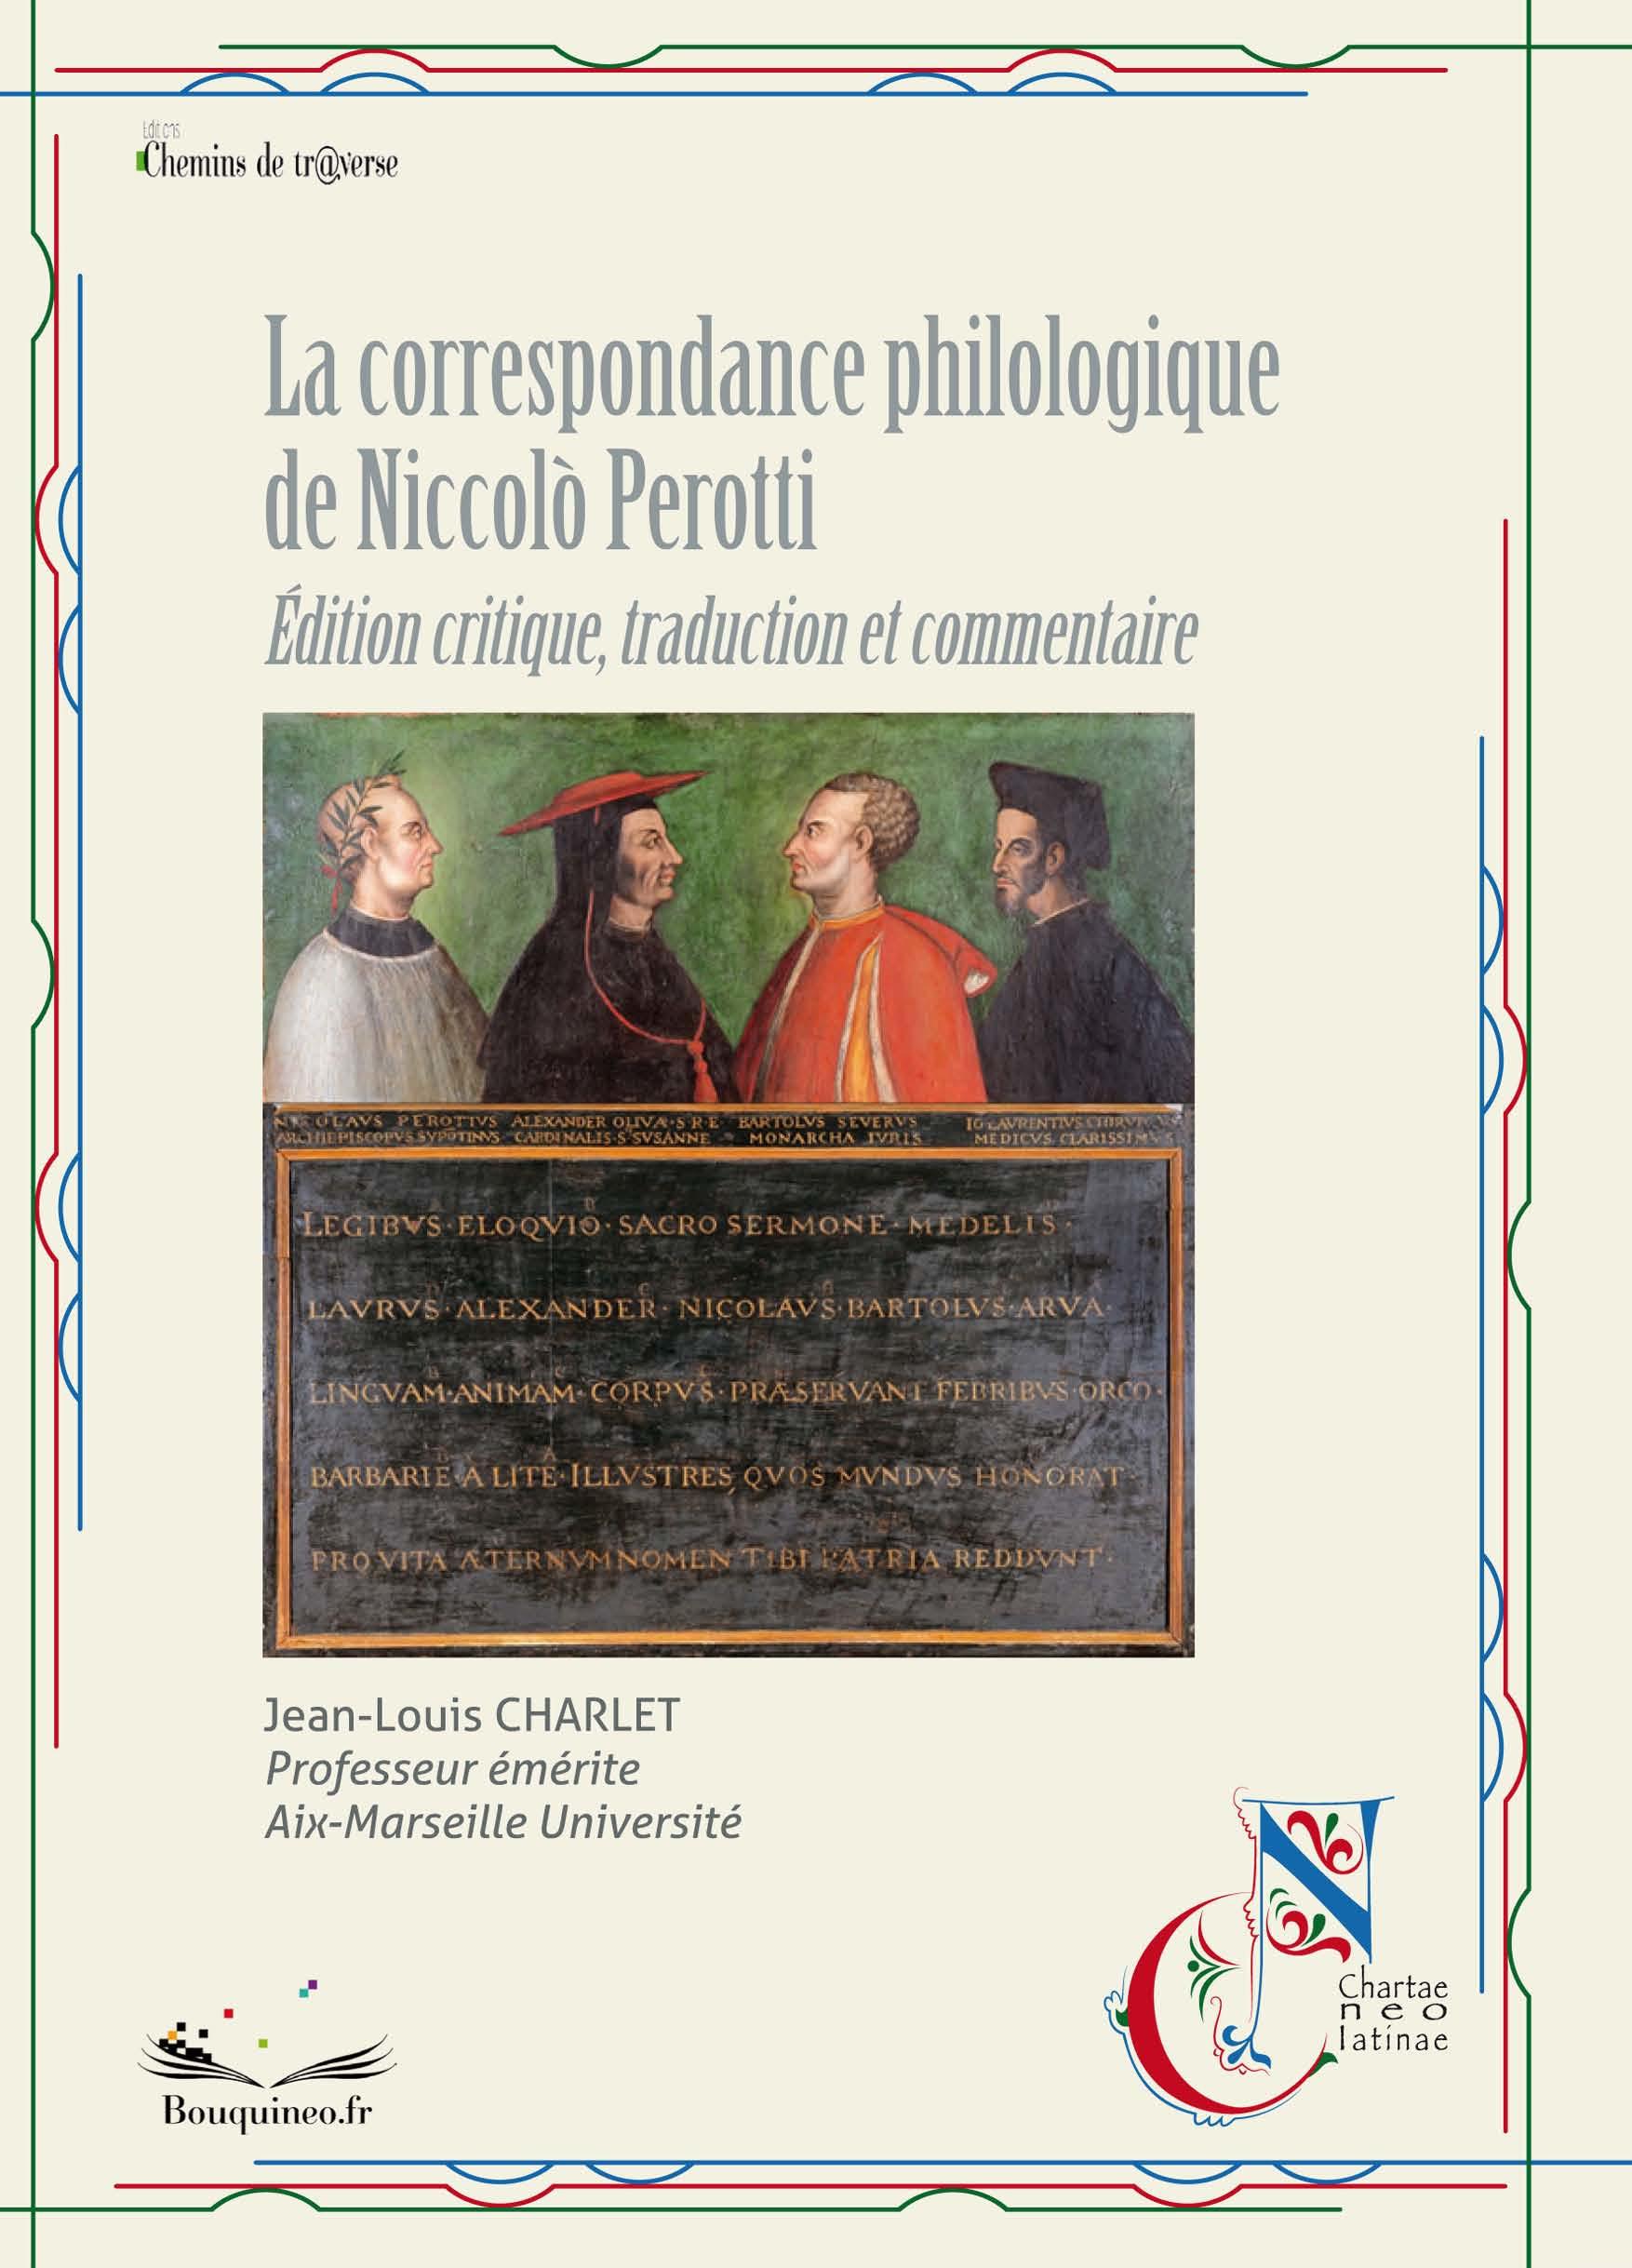 La correspondance philologique